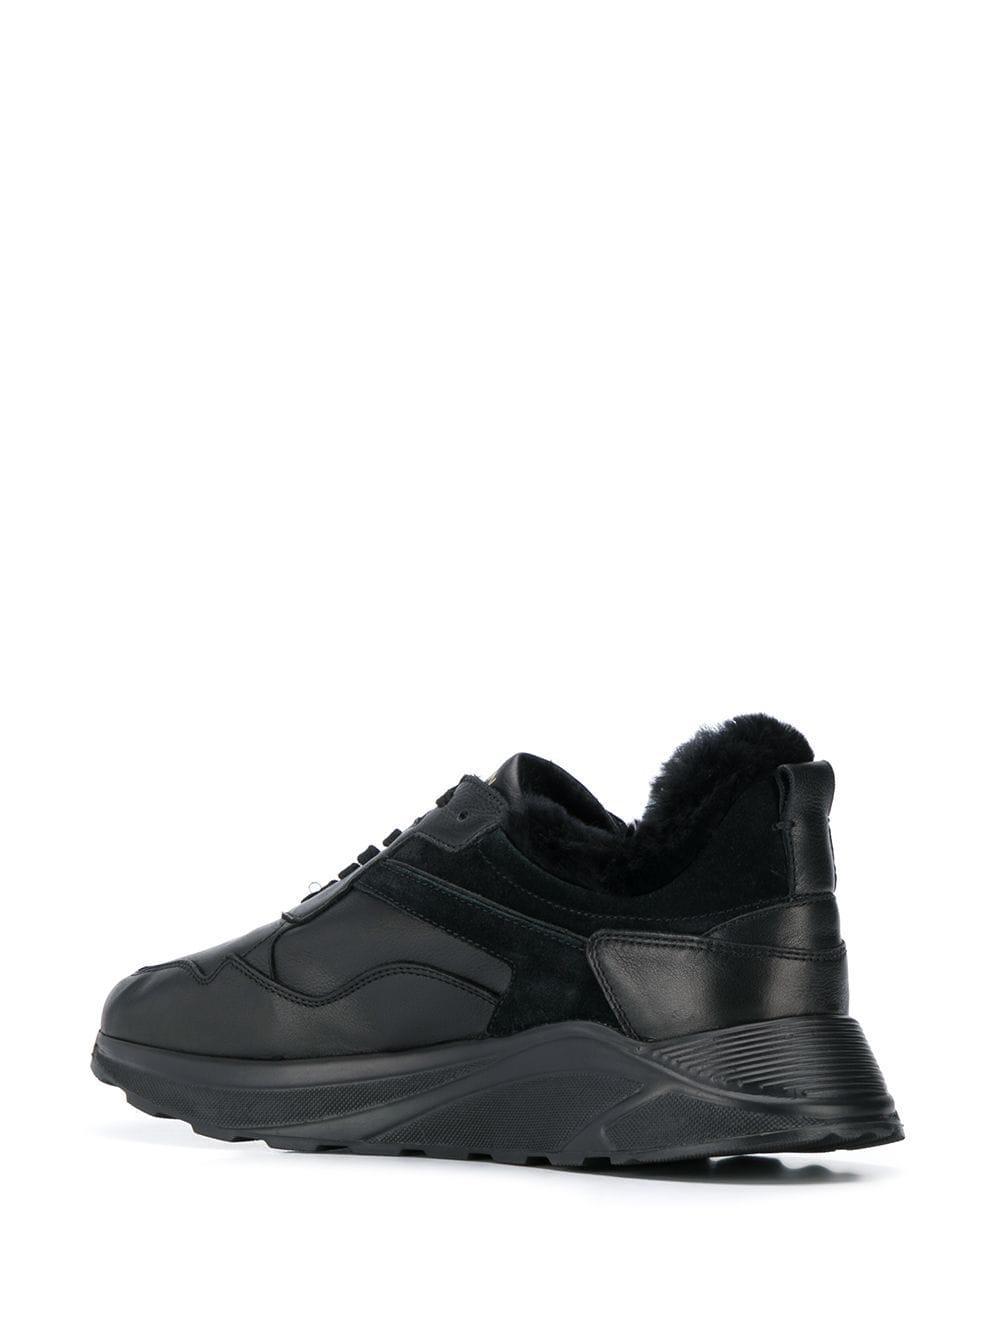 Henderson Rubber Sneakers Met Lammy Voering in het Zwart voor heren